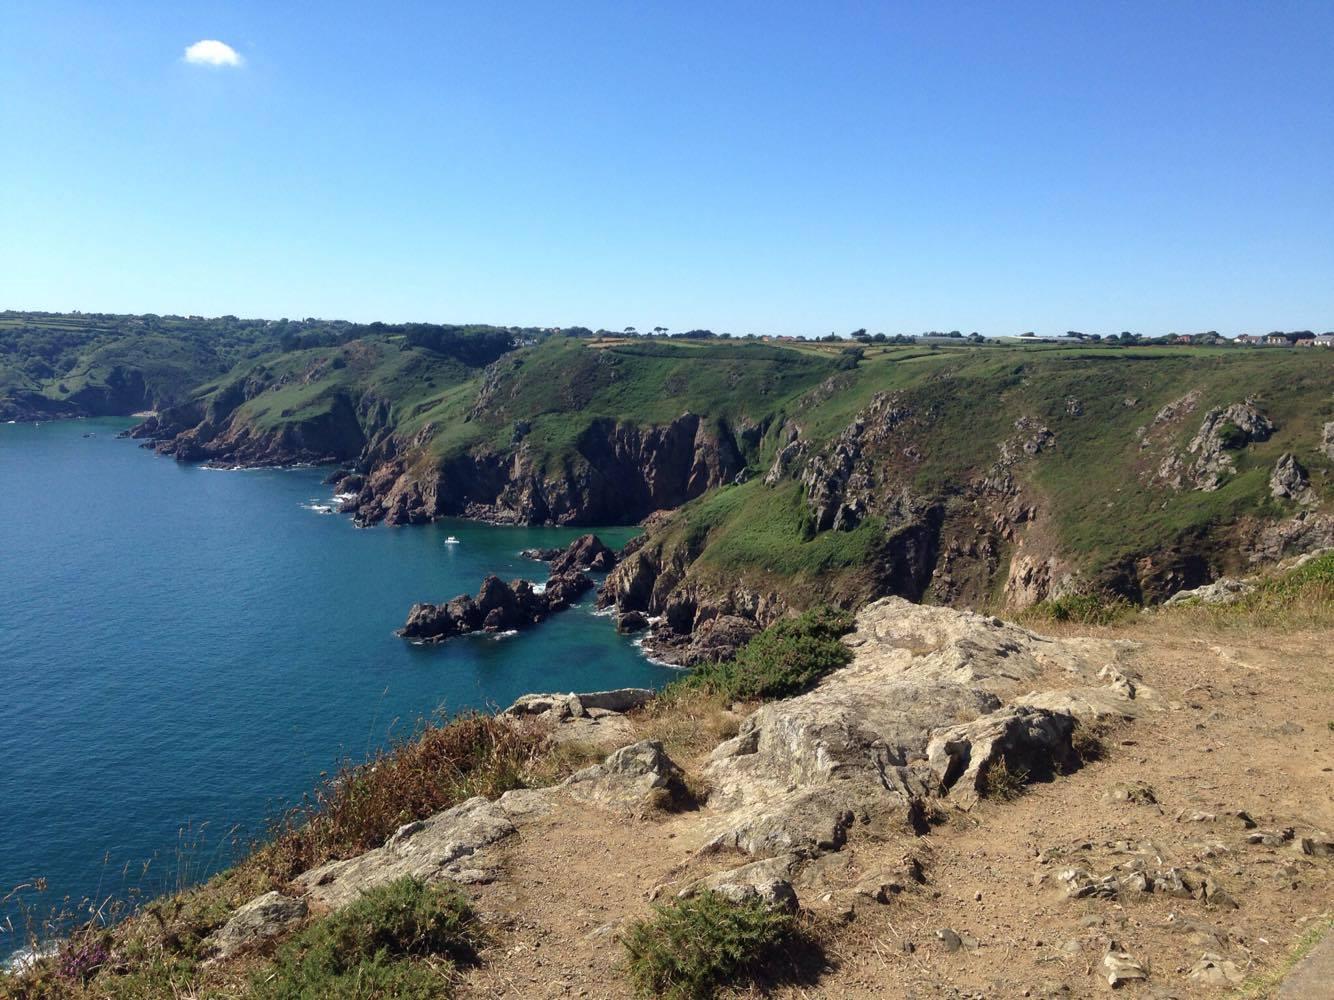 Guernsey: an island gem just a stone's throw away